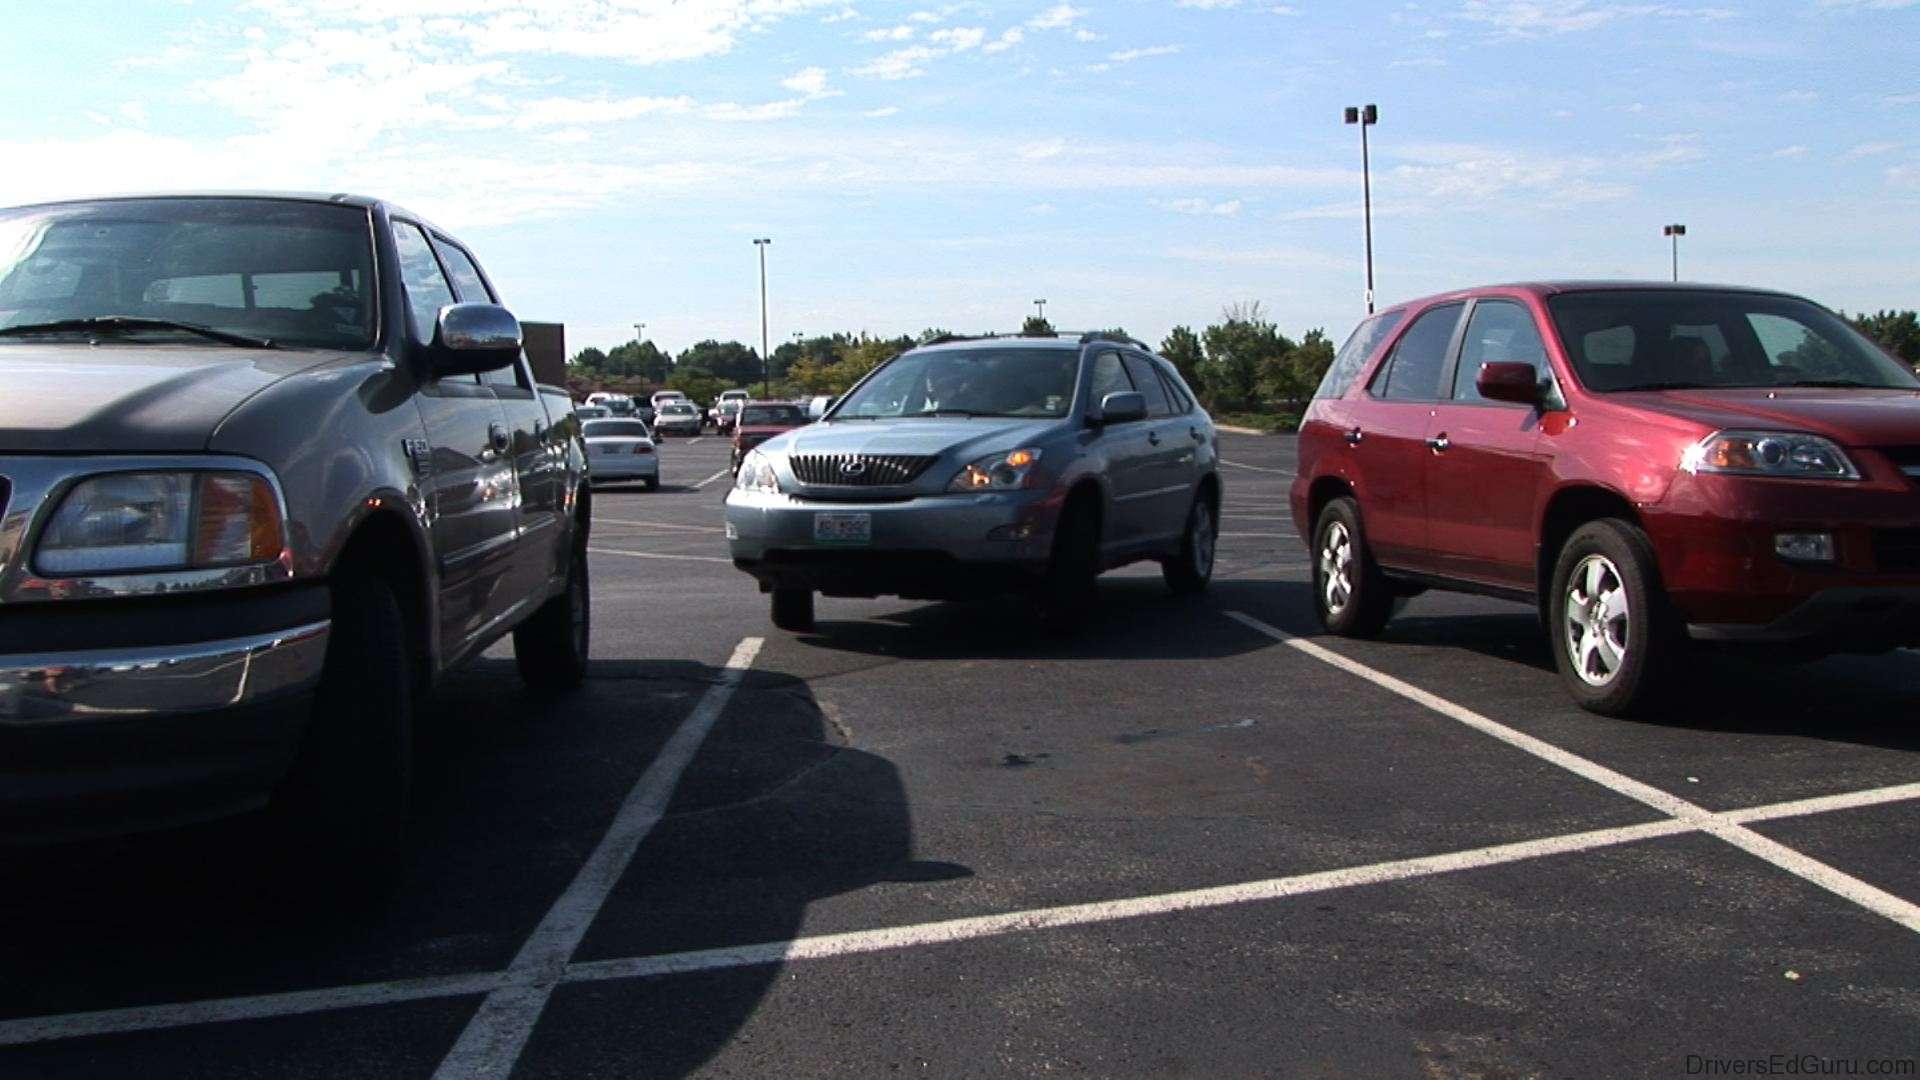 Location parking Nice aux heures de pointe